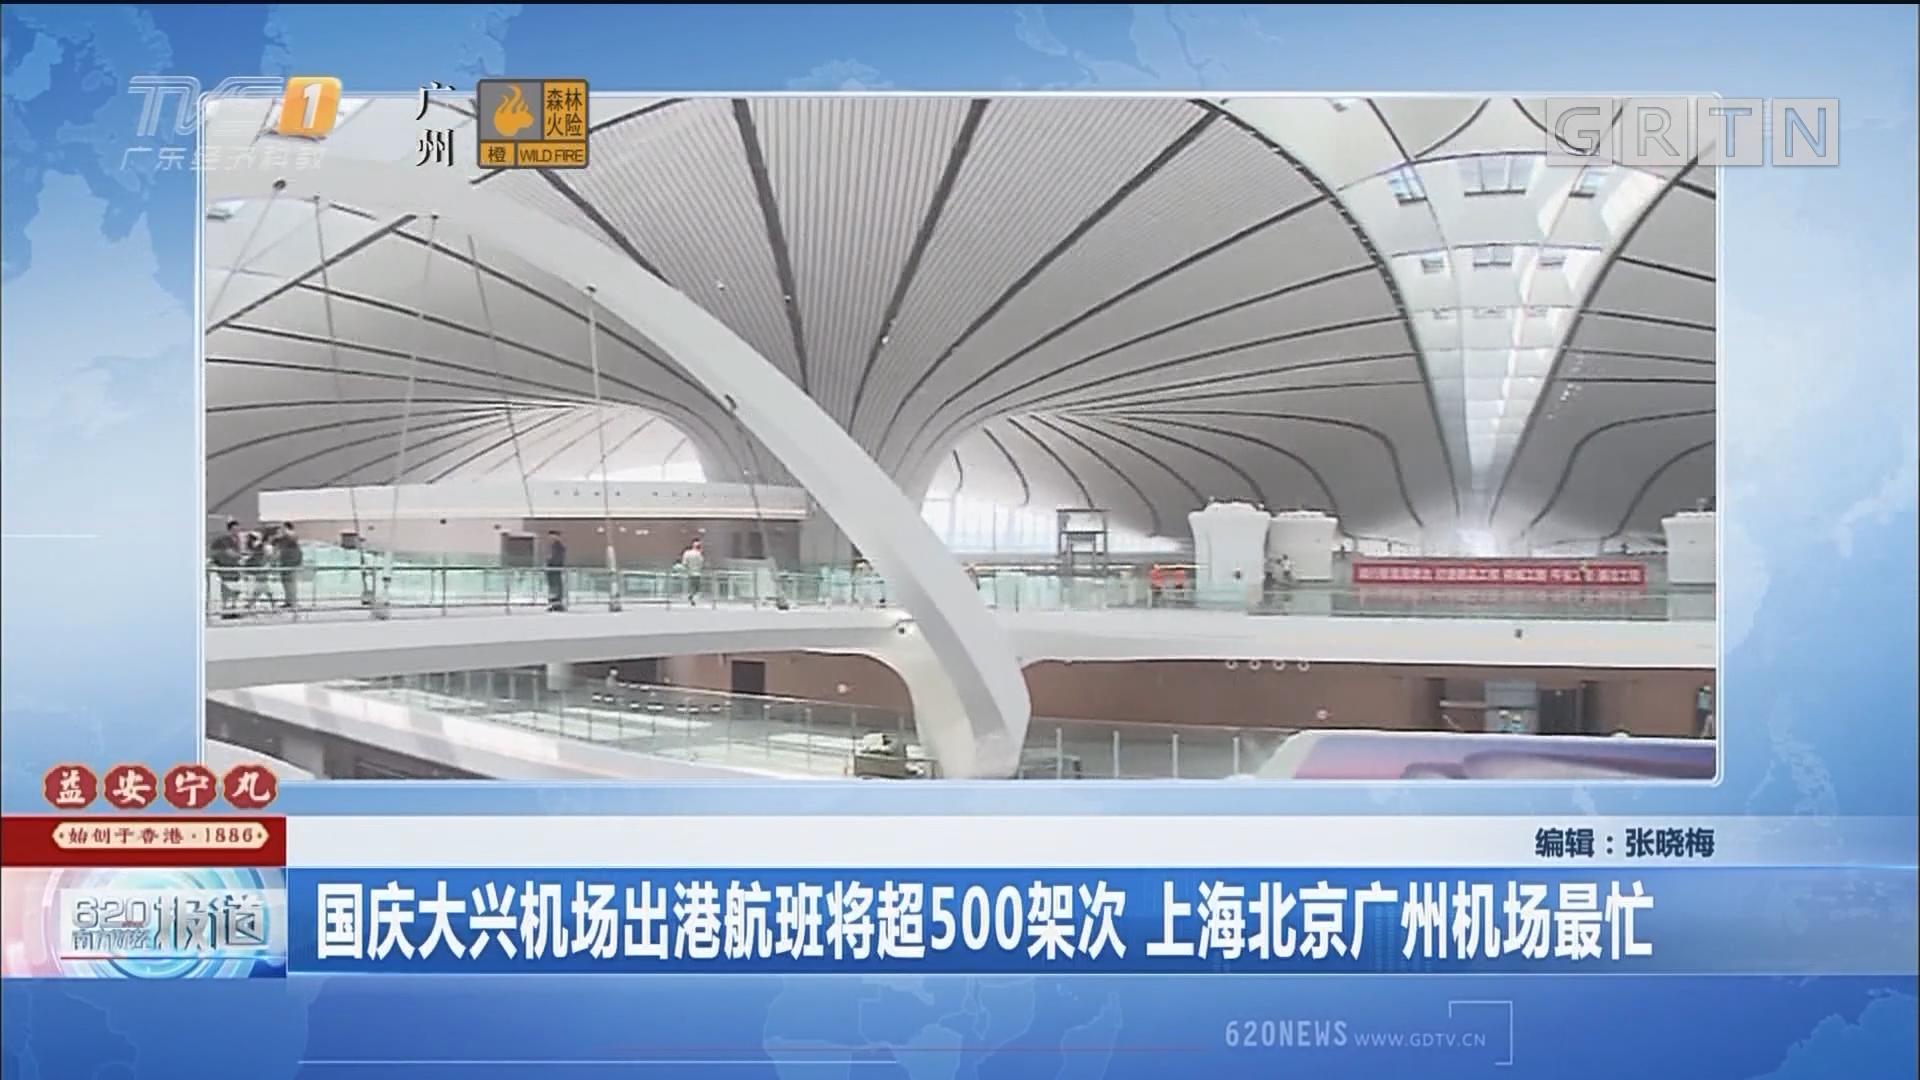 國慶大興機場出港航班將超500架次 上海北京廣州機場最忙